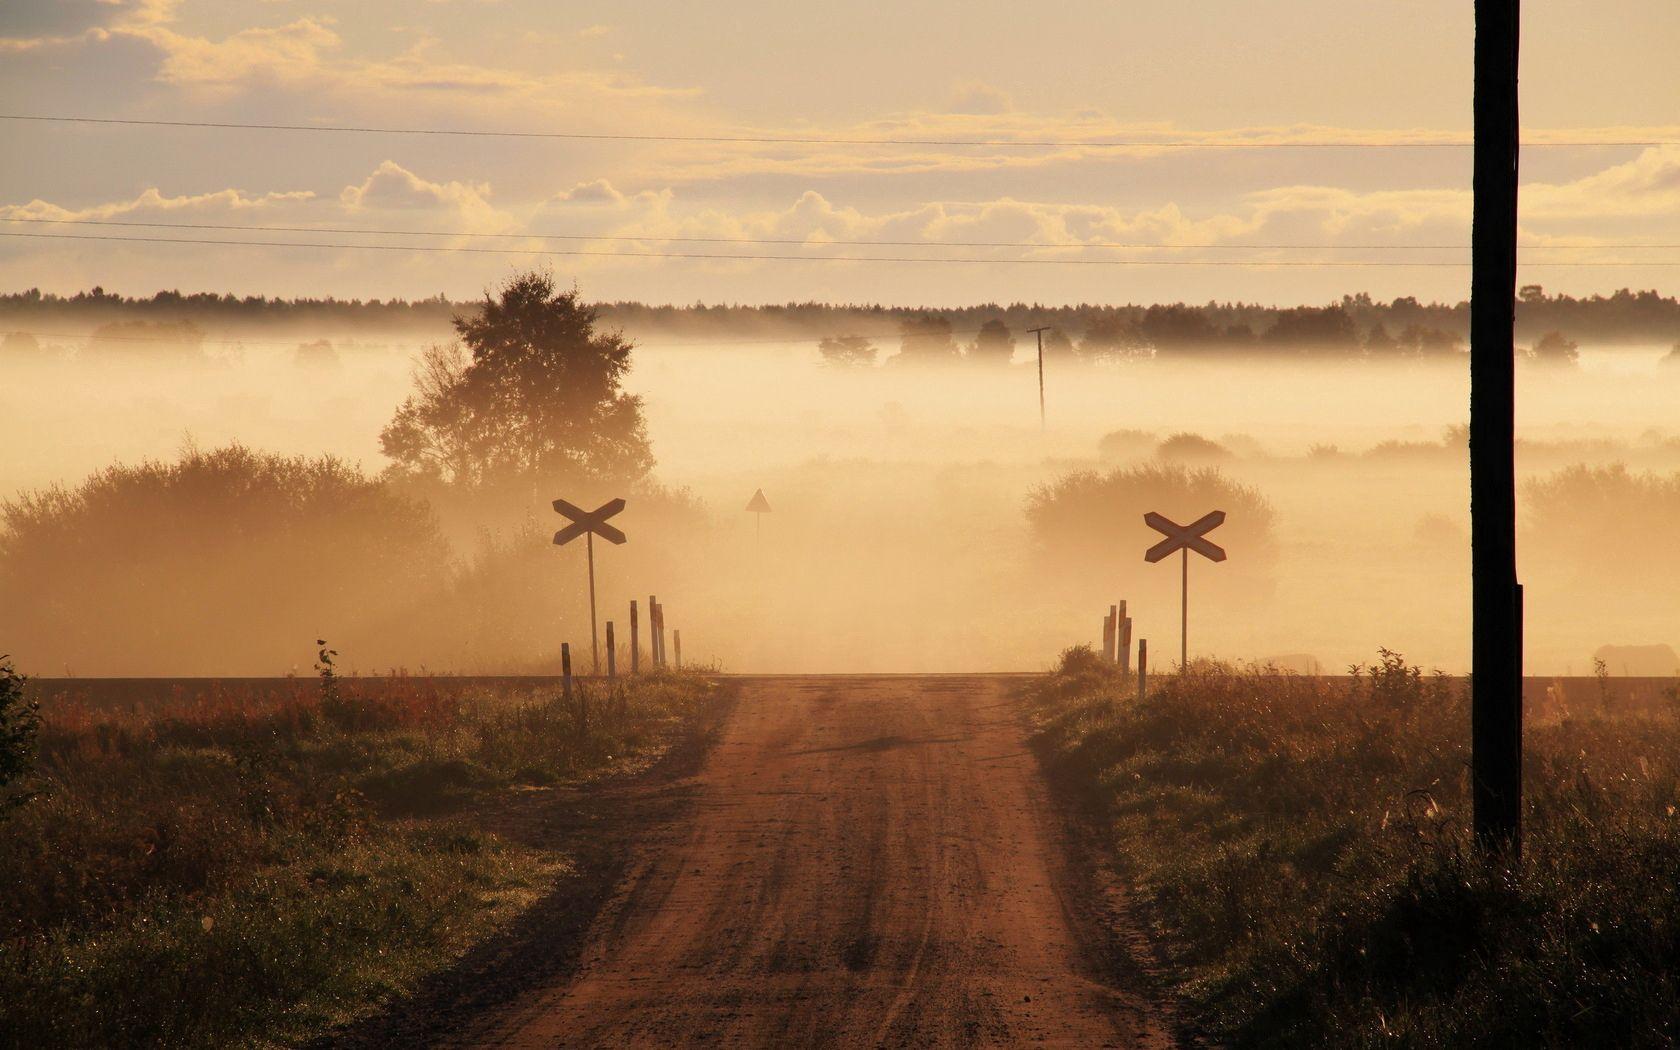 63775 скачать обои Природа, Знаки, Дорога, Туман, Переезд - заставки и картинки бесплатно